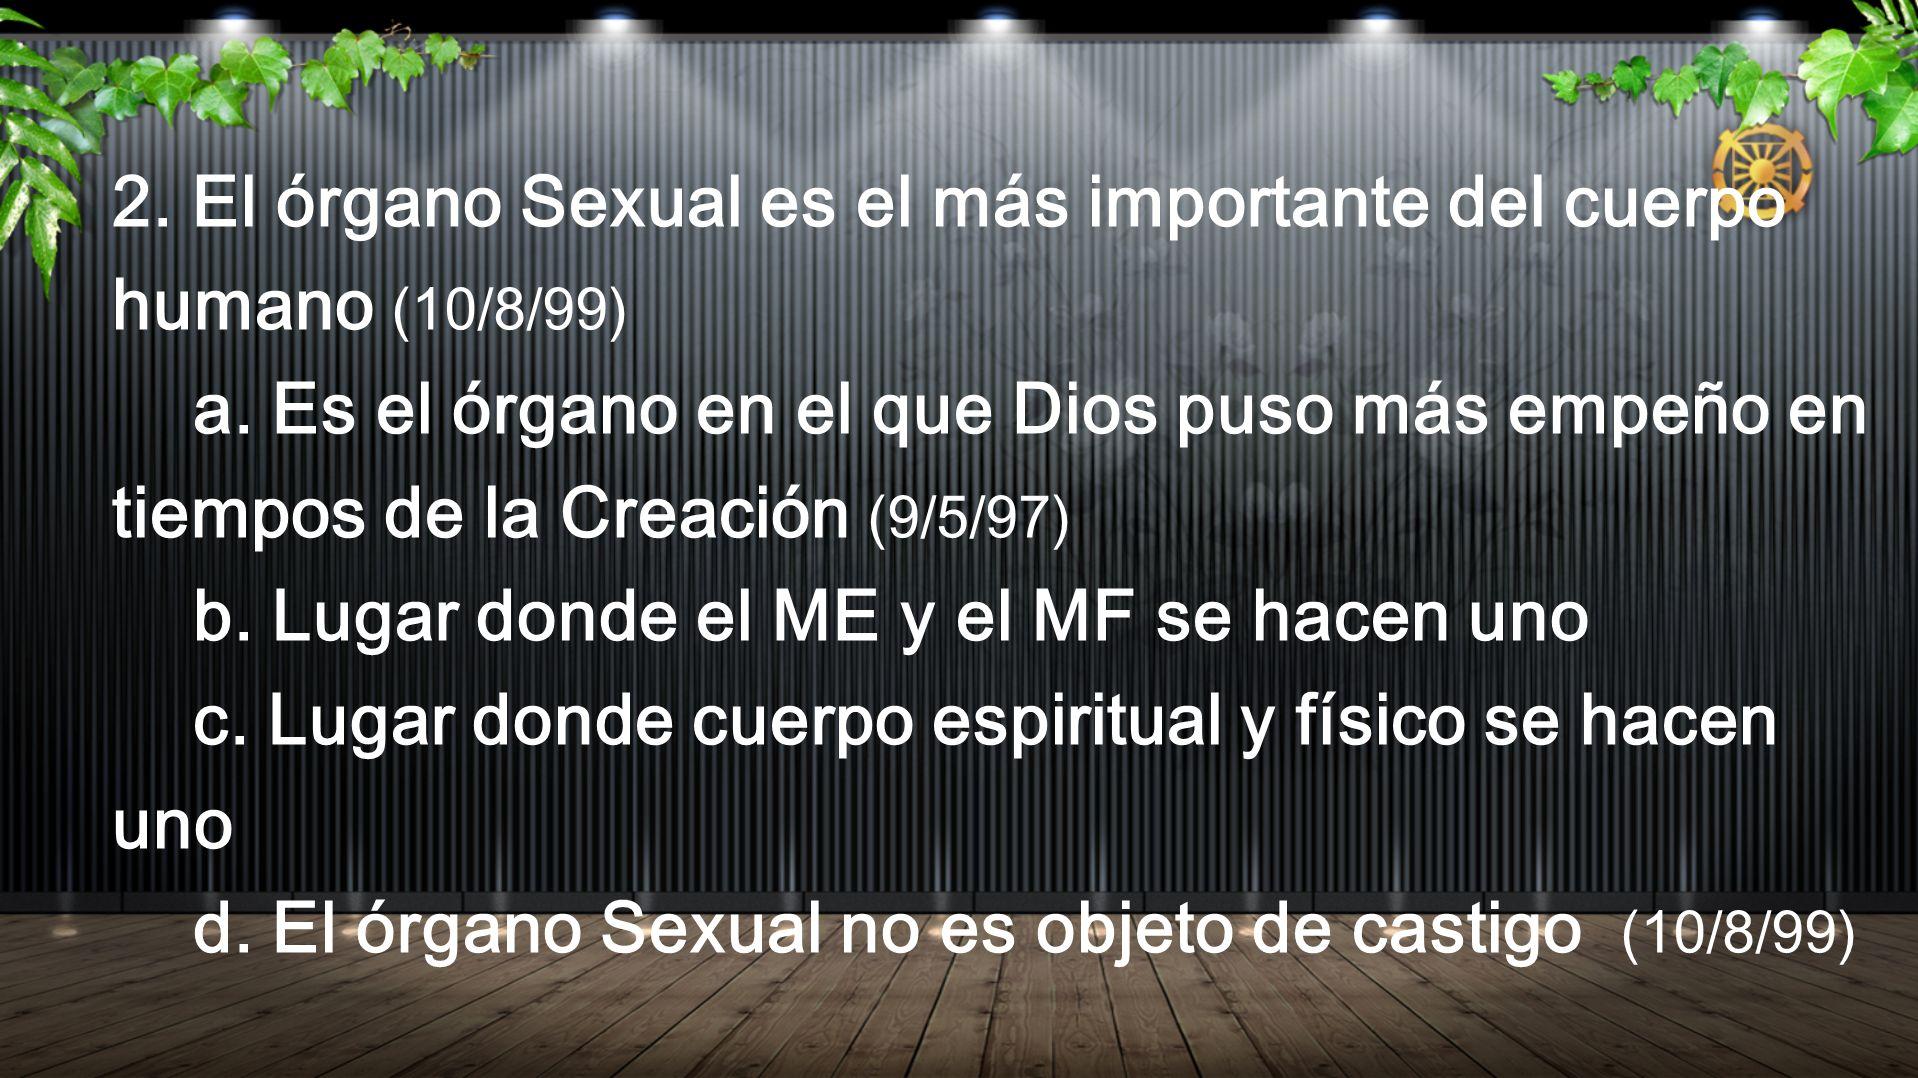 2. El órgano Sexual es el más importante del cuerpo humano (10/8/99) a. Es el órgano en el que Dios puso más empeño en tiempos de la Creación (9/5/97)